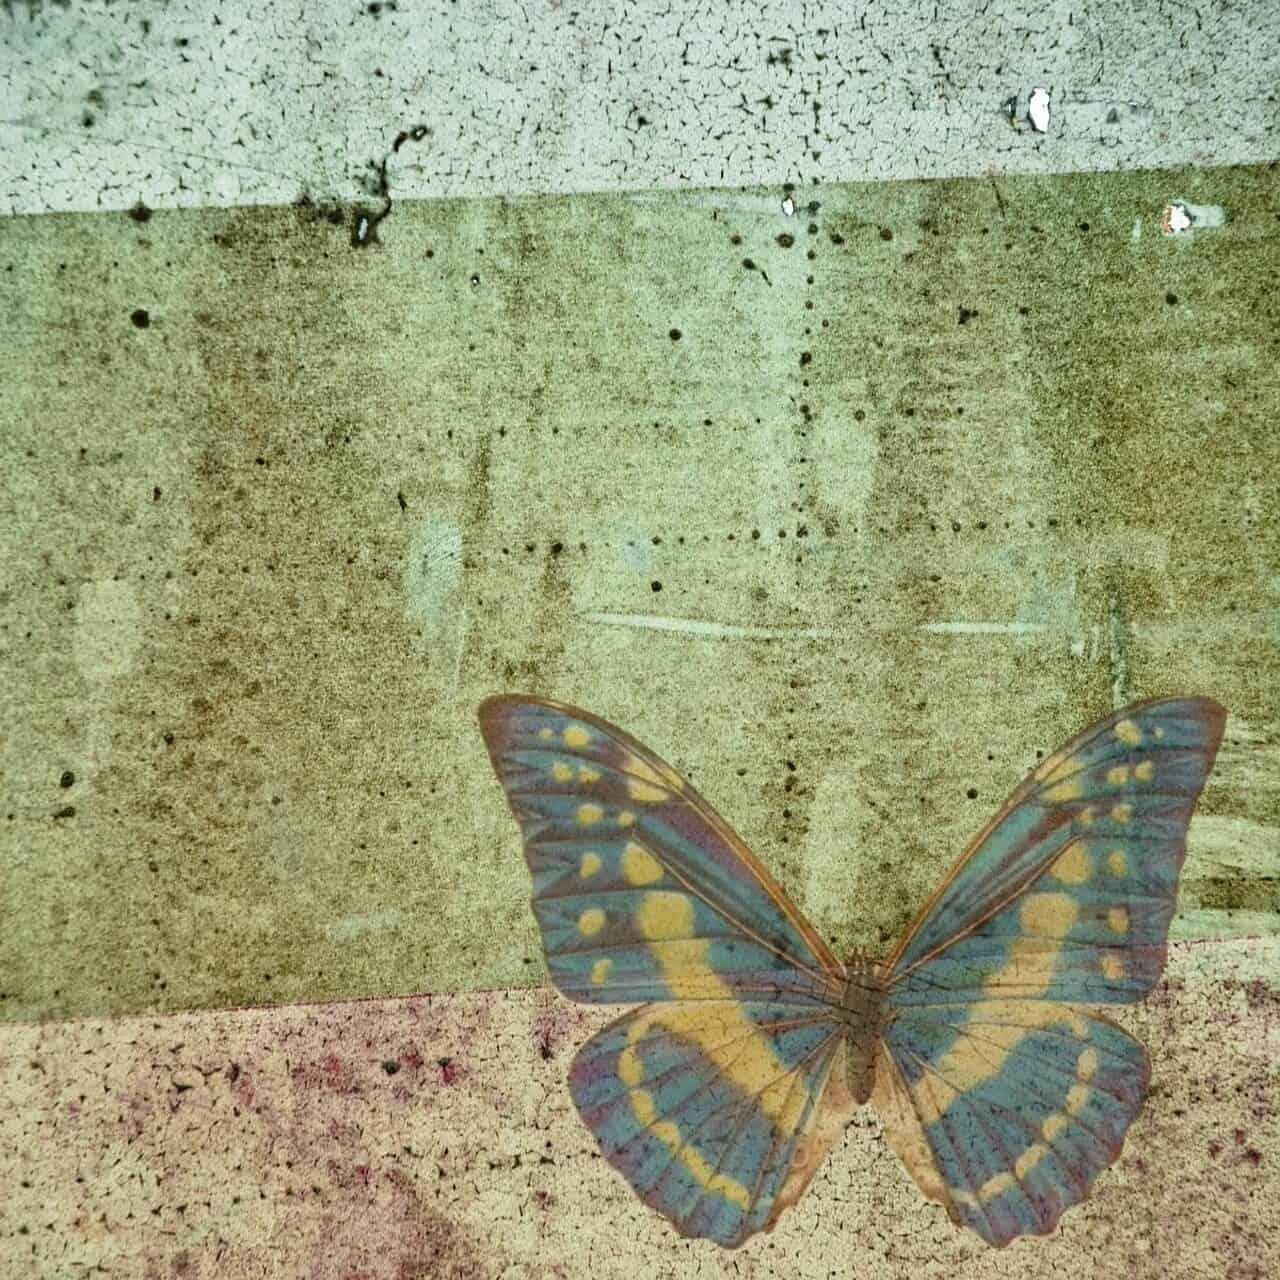 blau-gelber Schmetterling auf eine Wand gemalt - Bild zum Poetry Slam Text